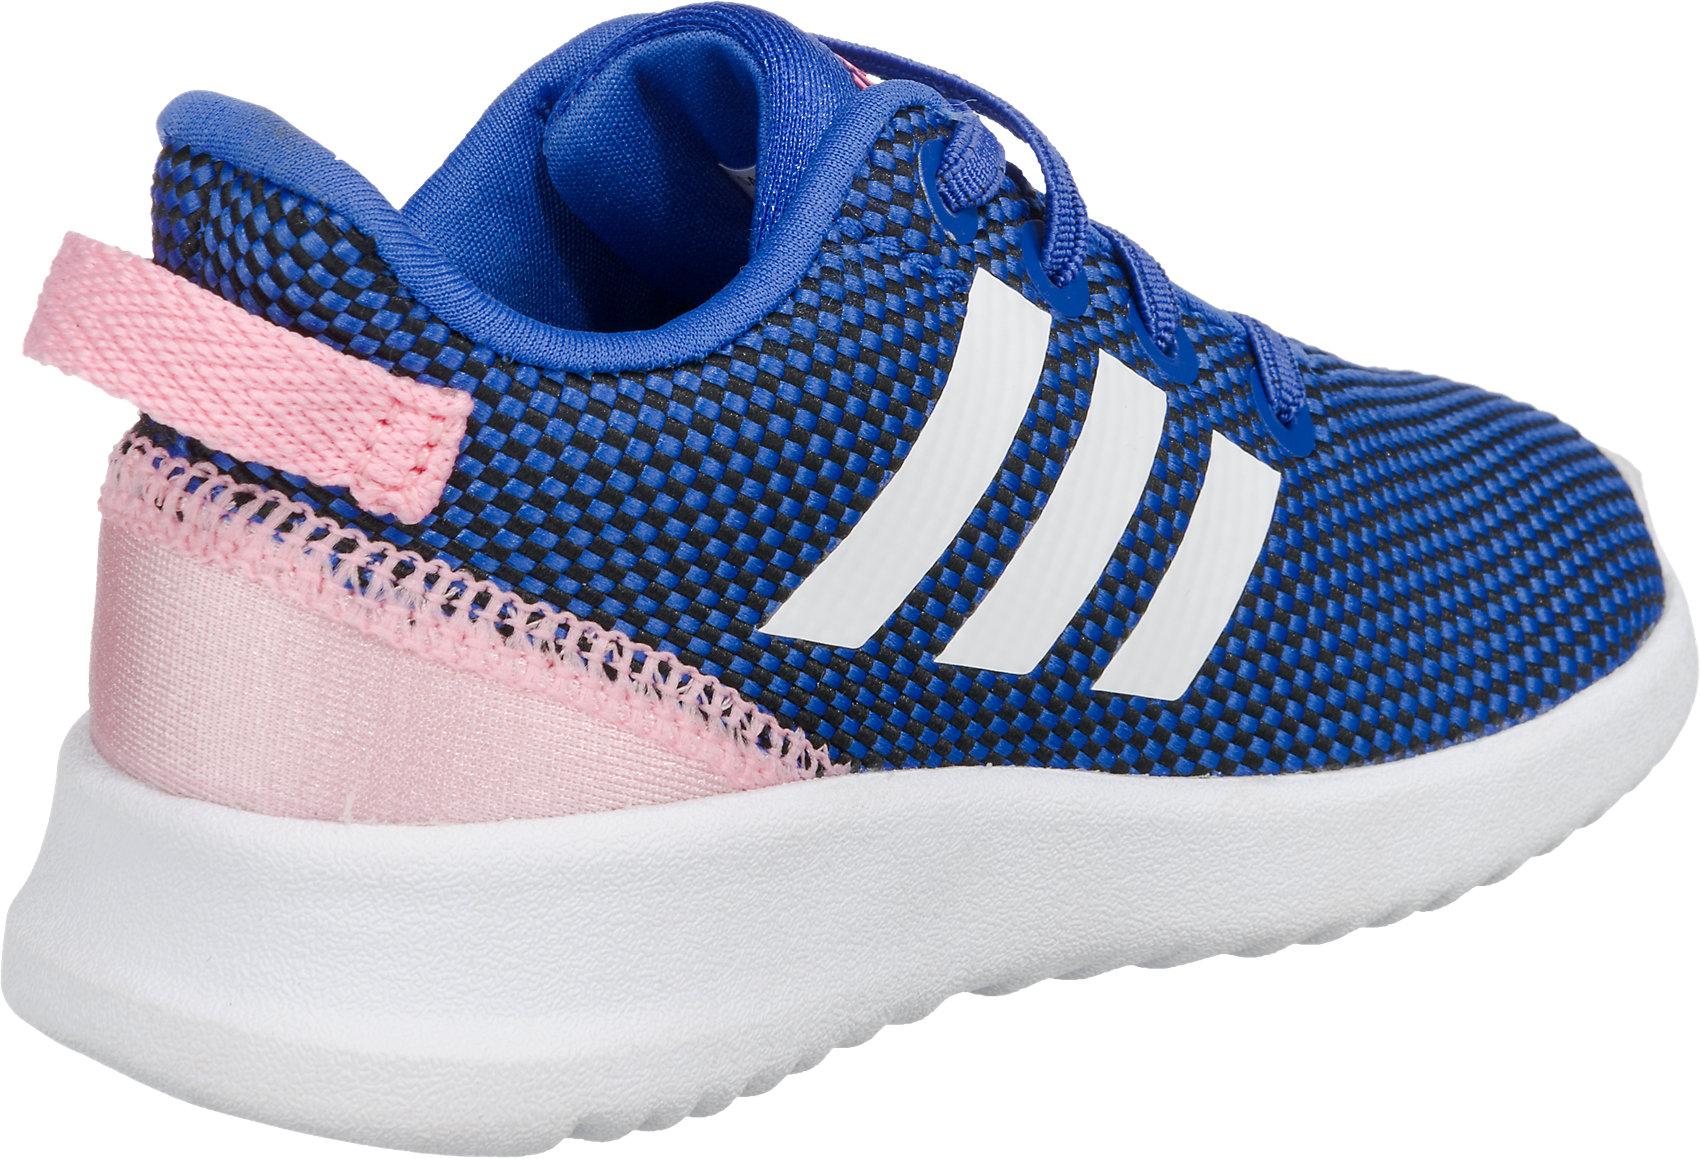 Details zu Neu adidas Sport Inspired Baby Sneakers RACER TR INF für Mädchen  7213731